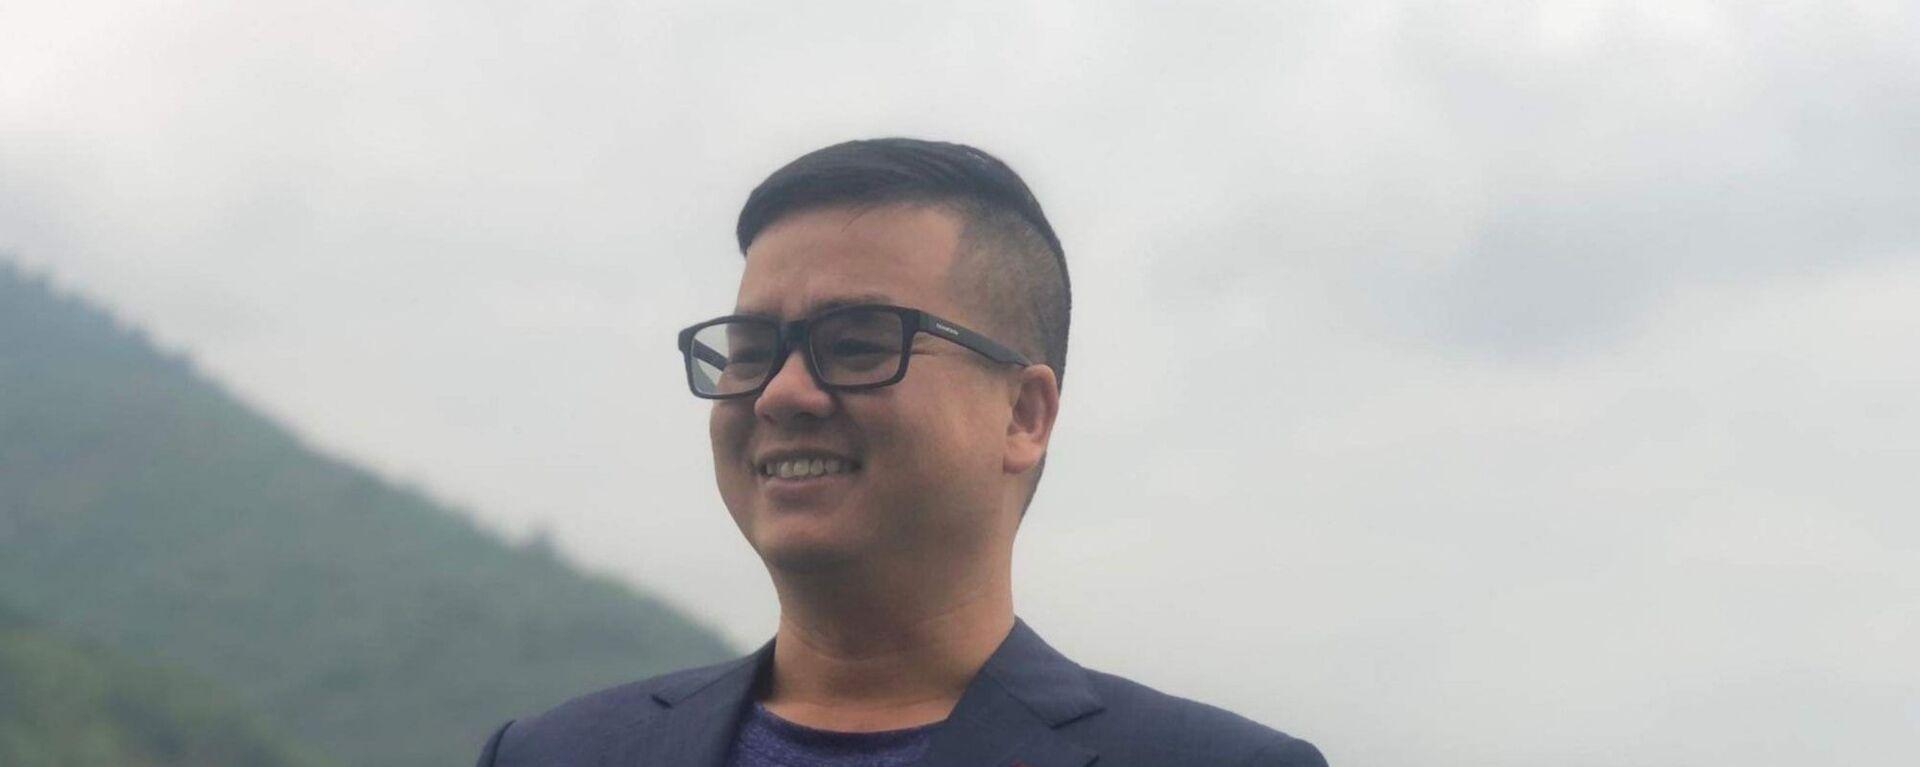 Facebooker Trương Châu Hữu Danh - Sputnik Việt Nam, 1920, 17.12.2020